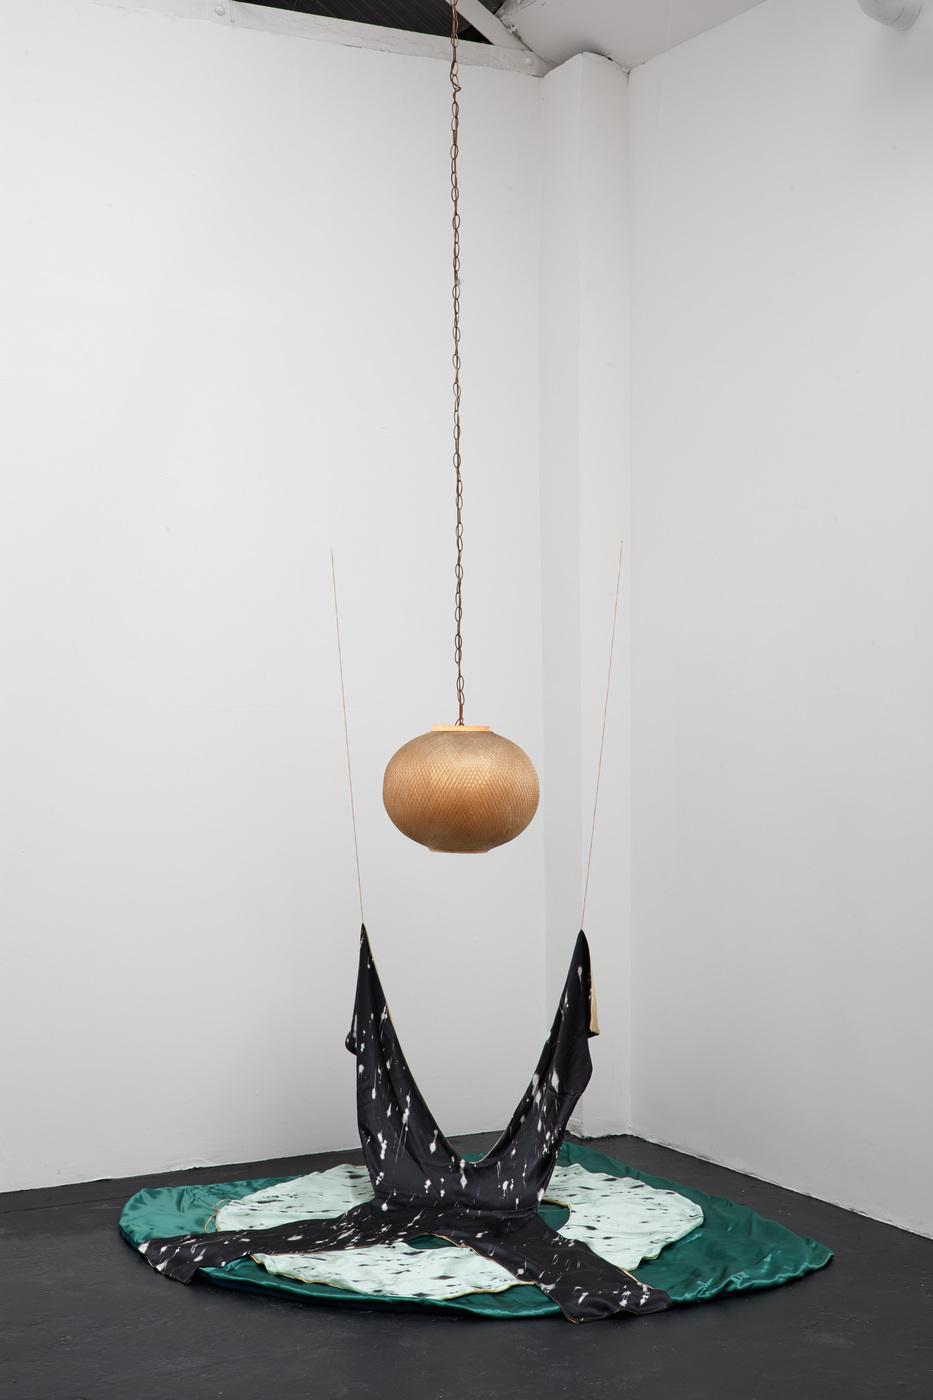 Metaphysical Scarf Experience (Hanna Törnudd) - X,O Letter Scarves, 2014